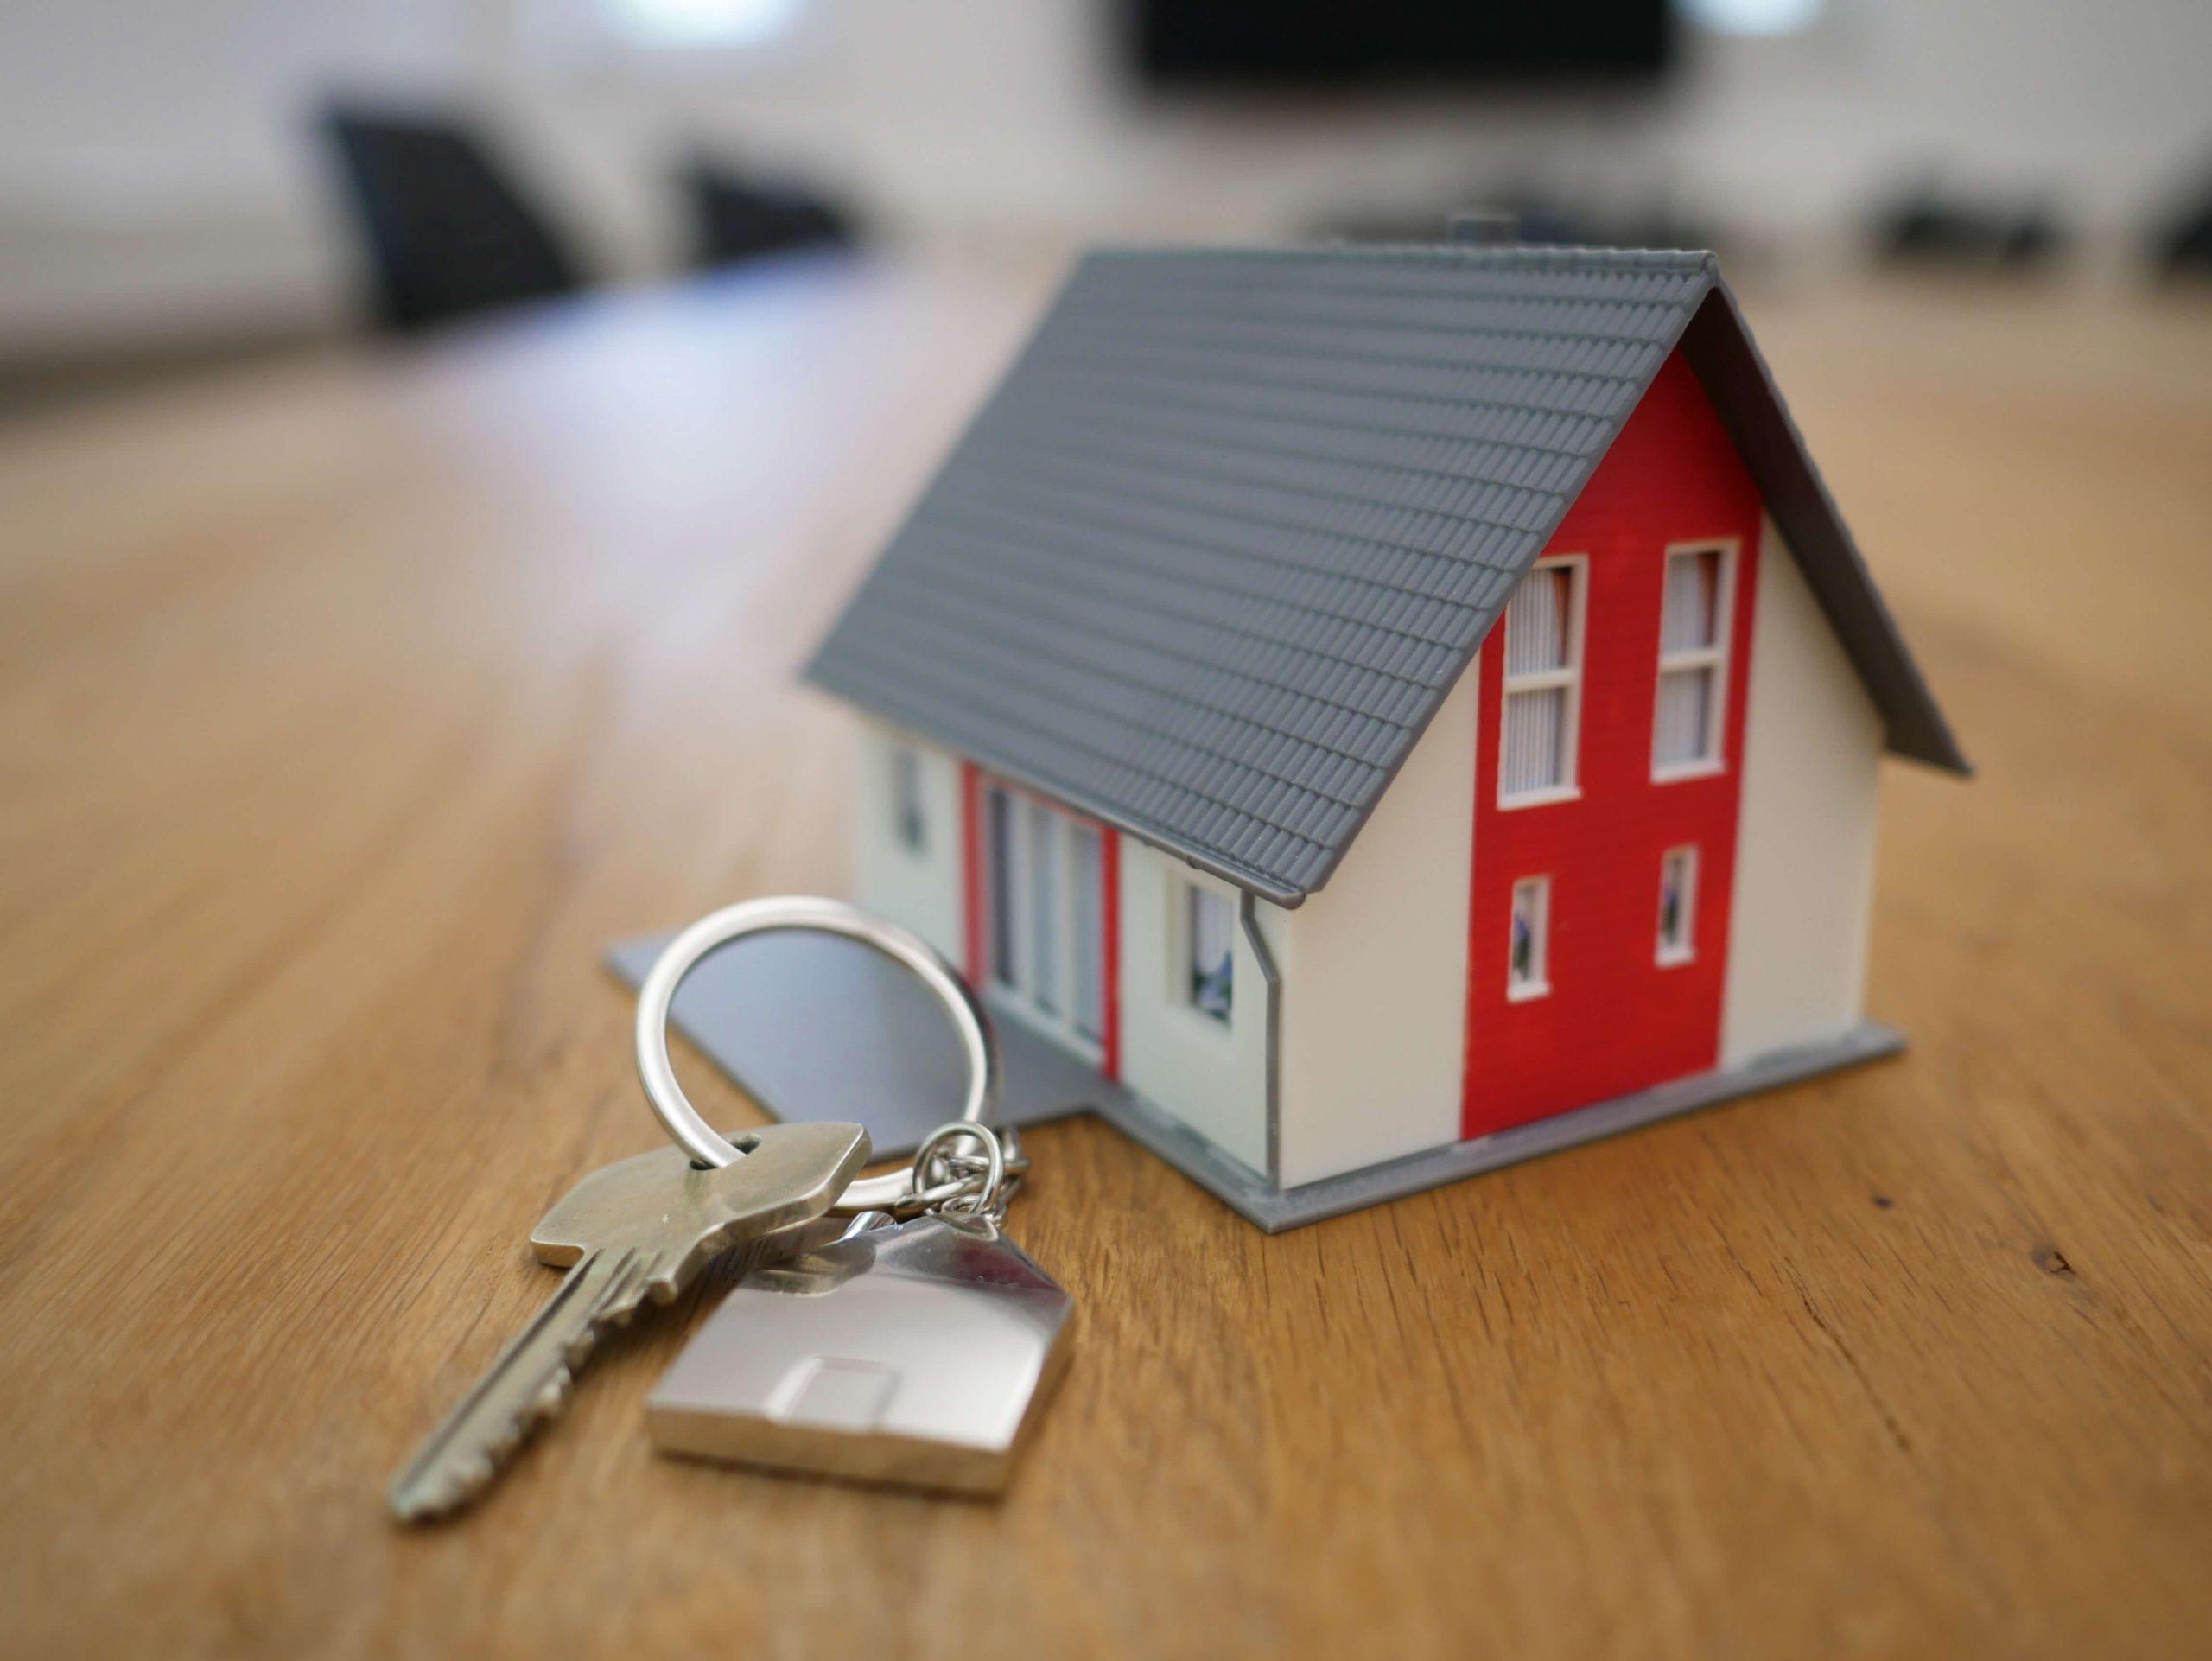 Huis met een sleutel